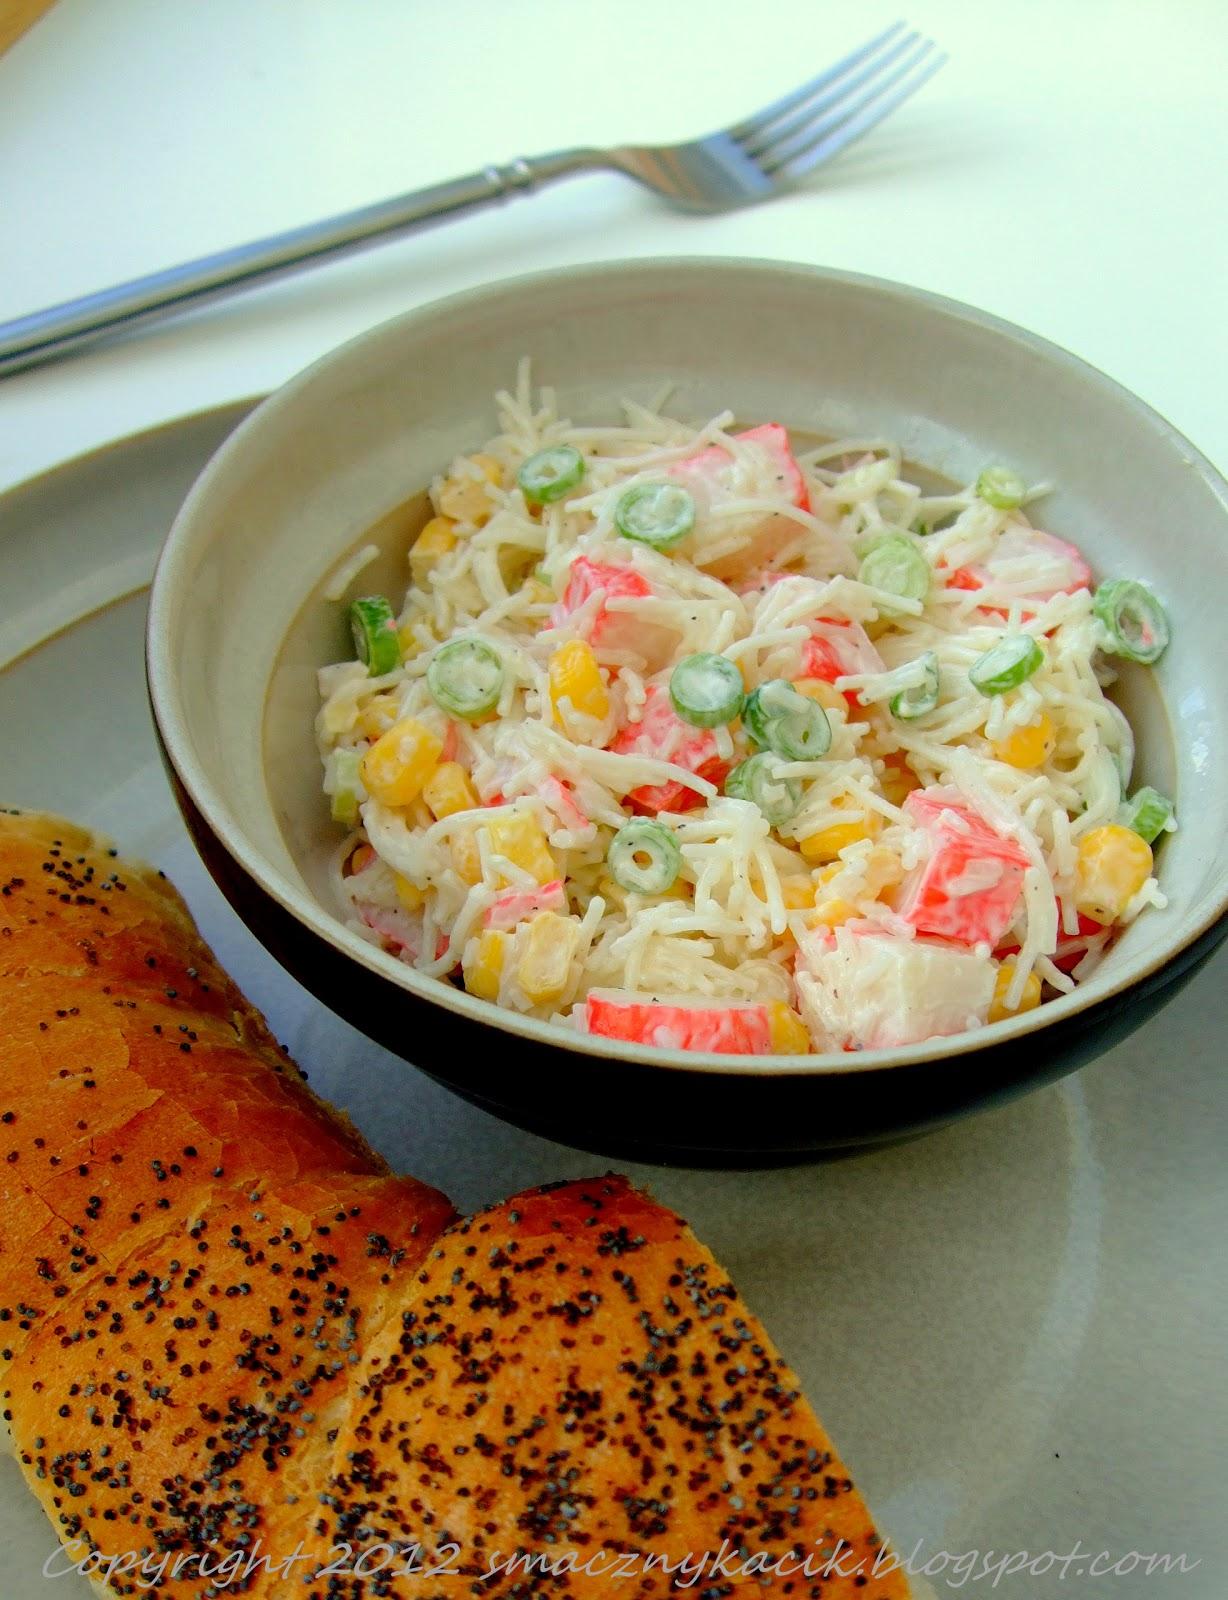 Kasia S W Kuchni Salatka Z Surimi I Makaronem Ryzowym